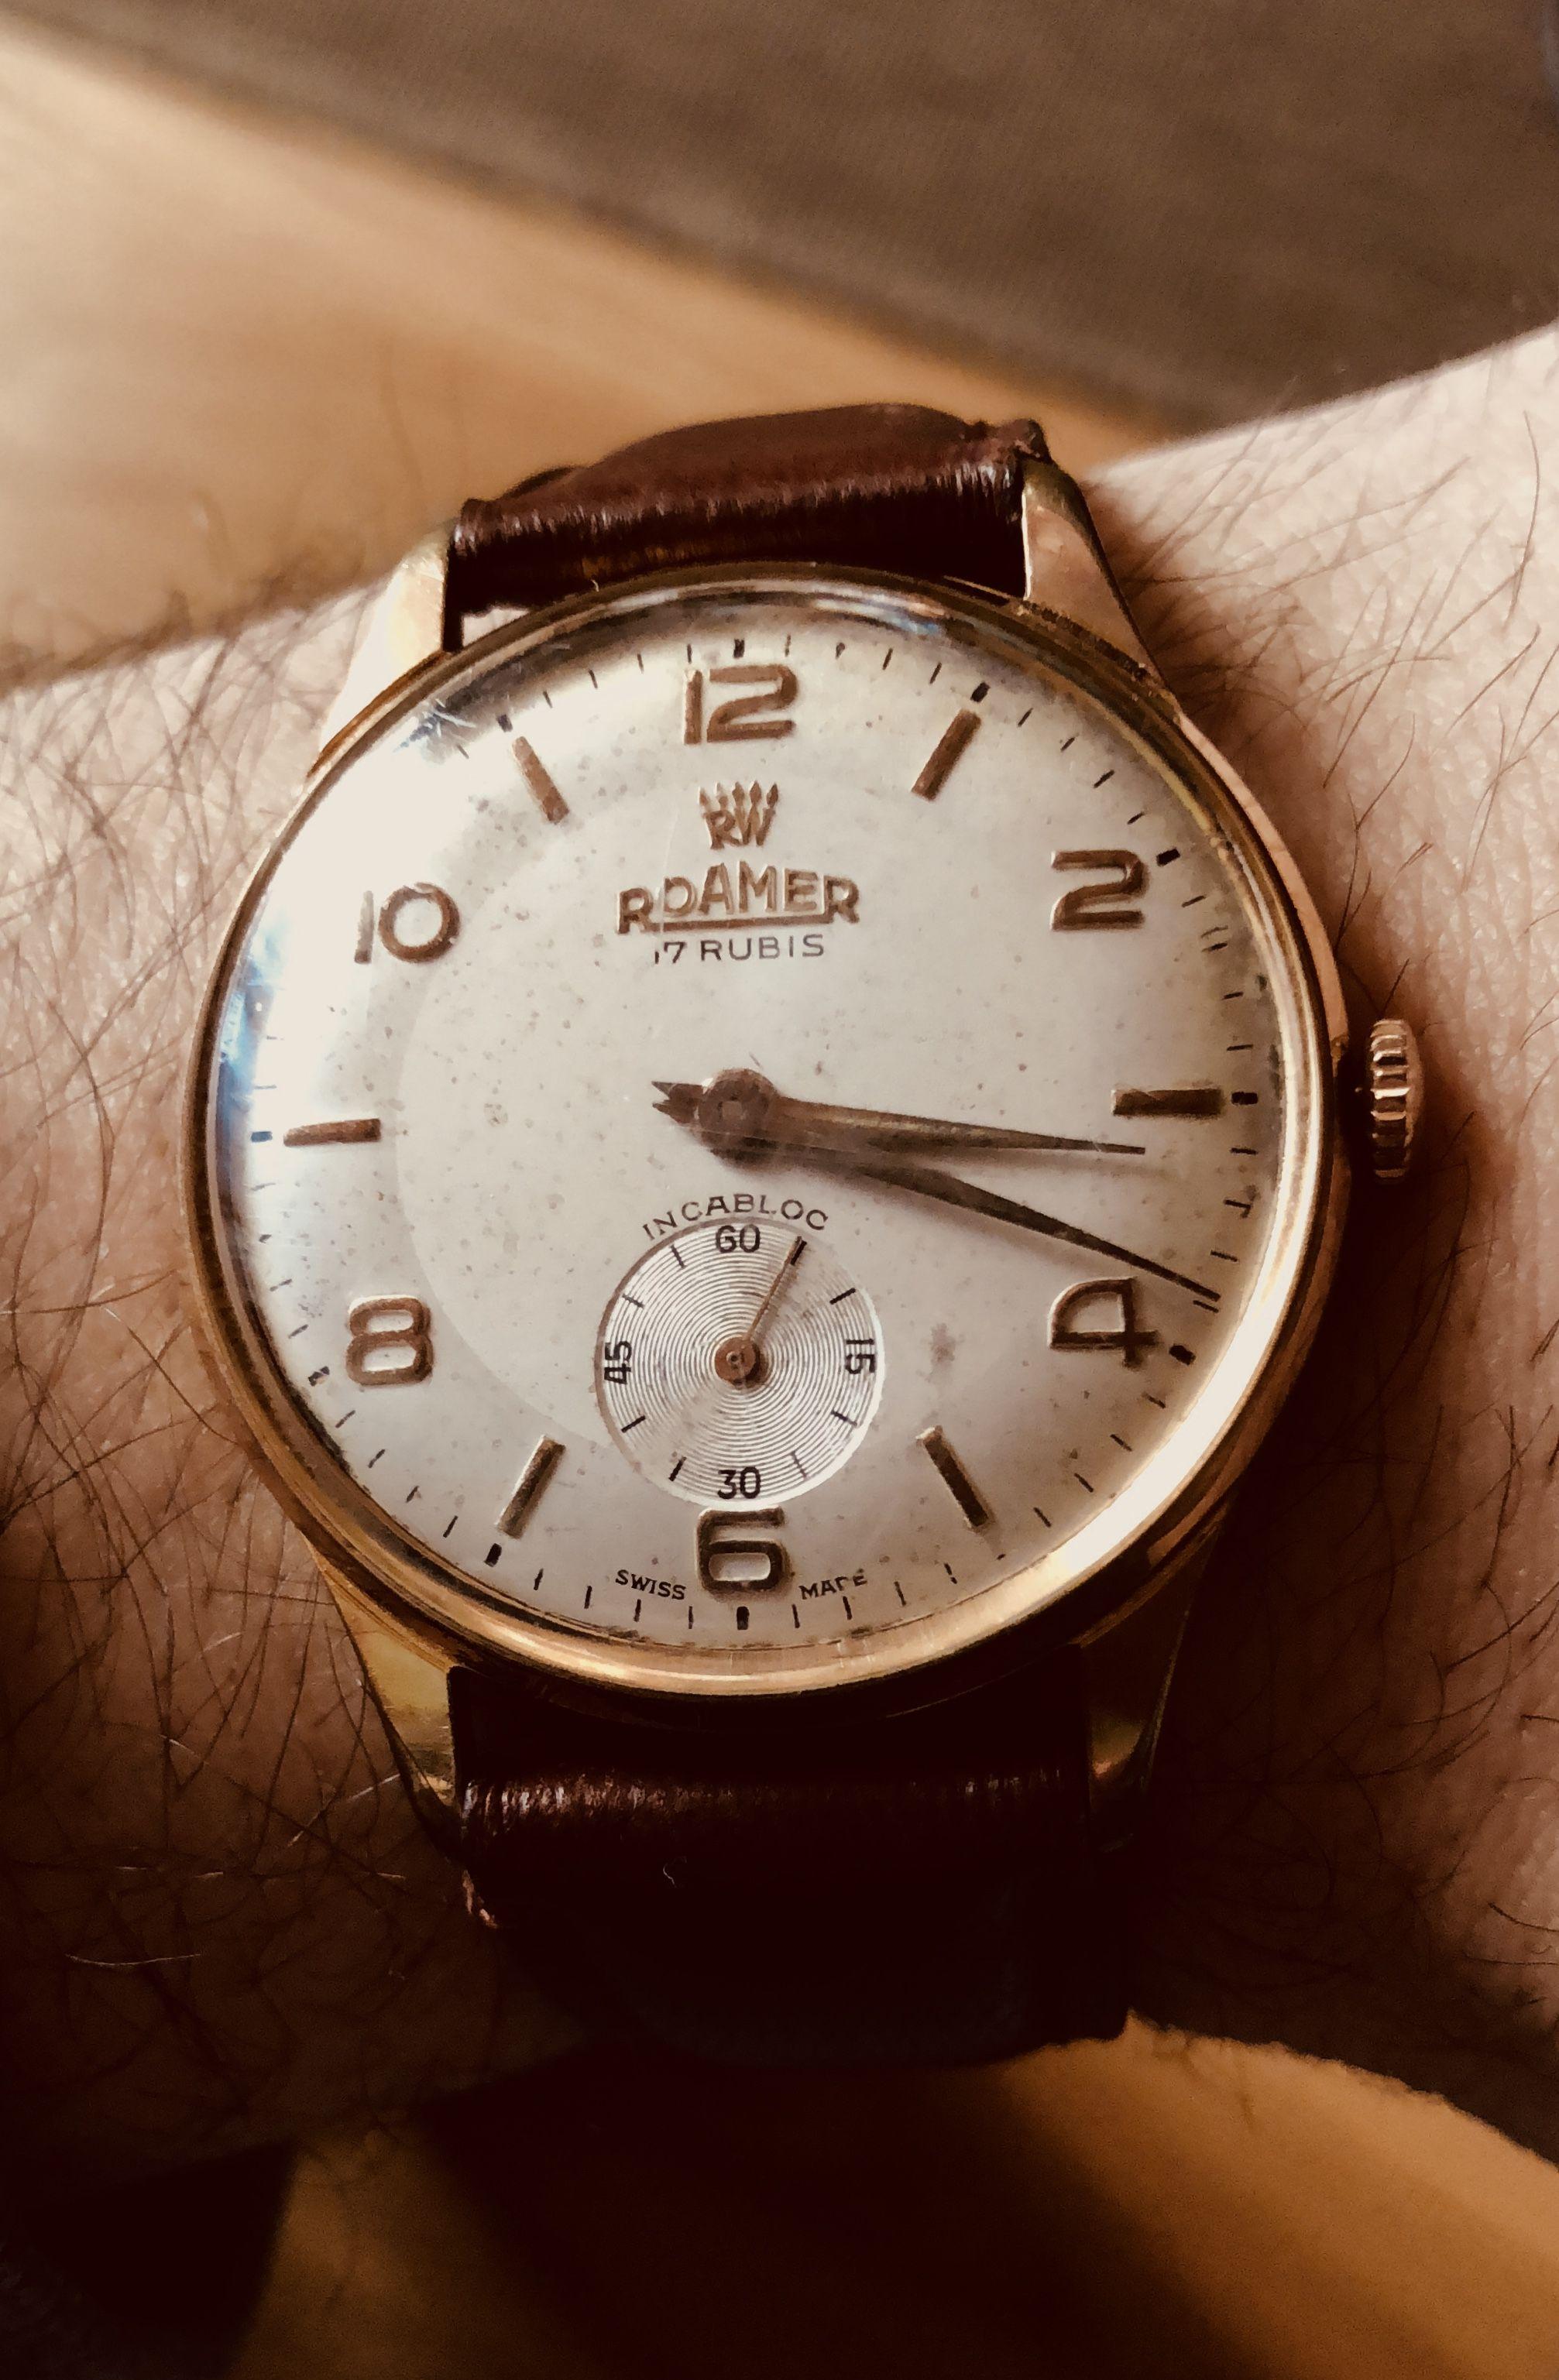 large choix de designs nouveau design vente chaude Roamer, Incabloc 17 rubis #watch #vintage | Vintage watches ...